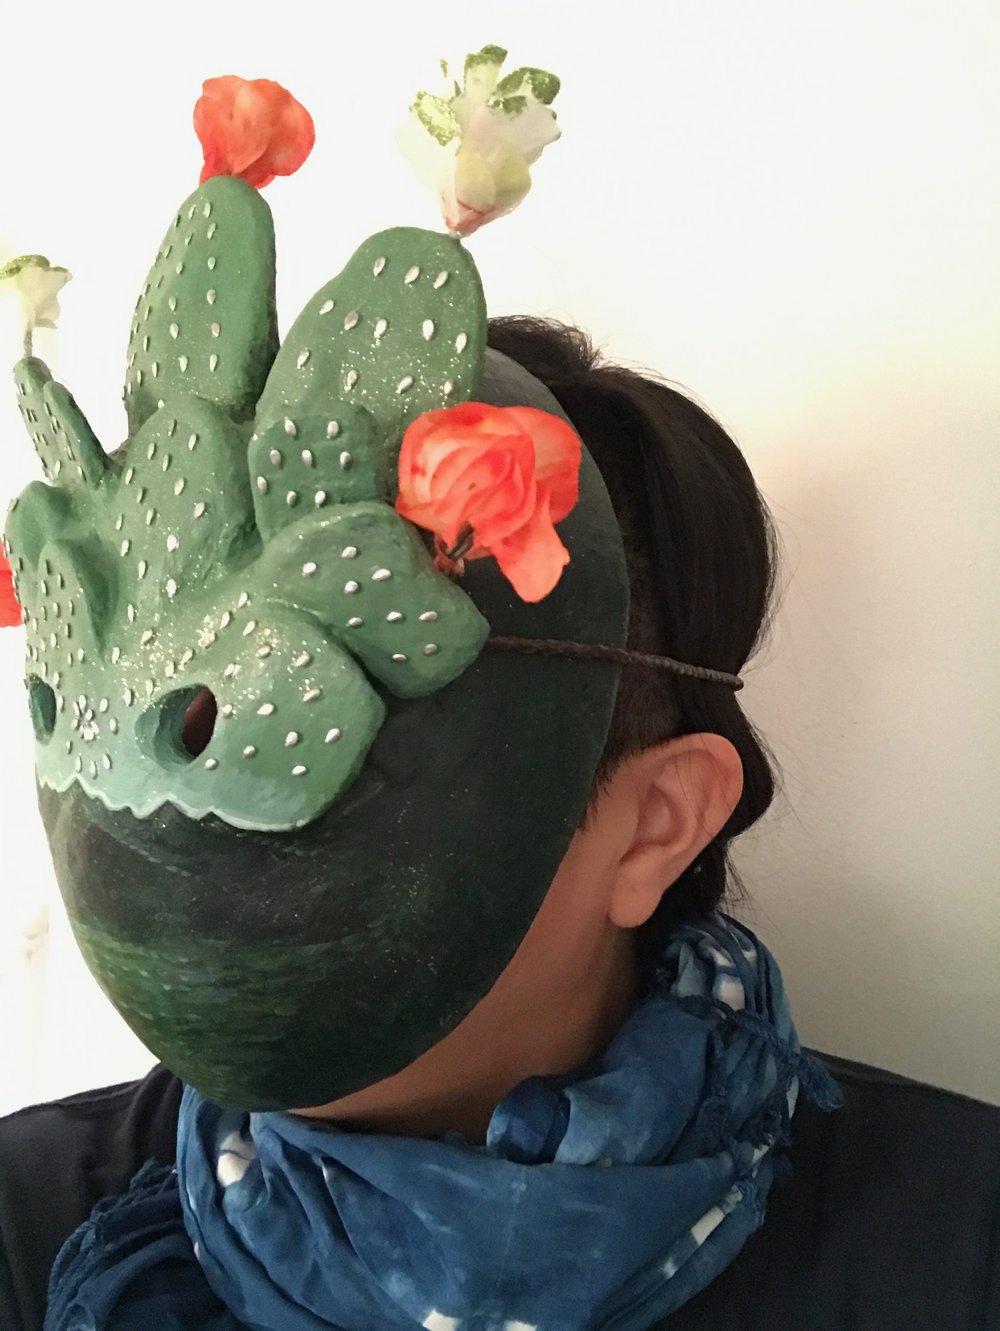 mask_36236637202_o.jpg